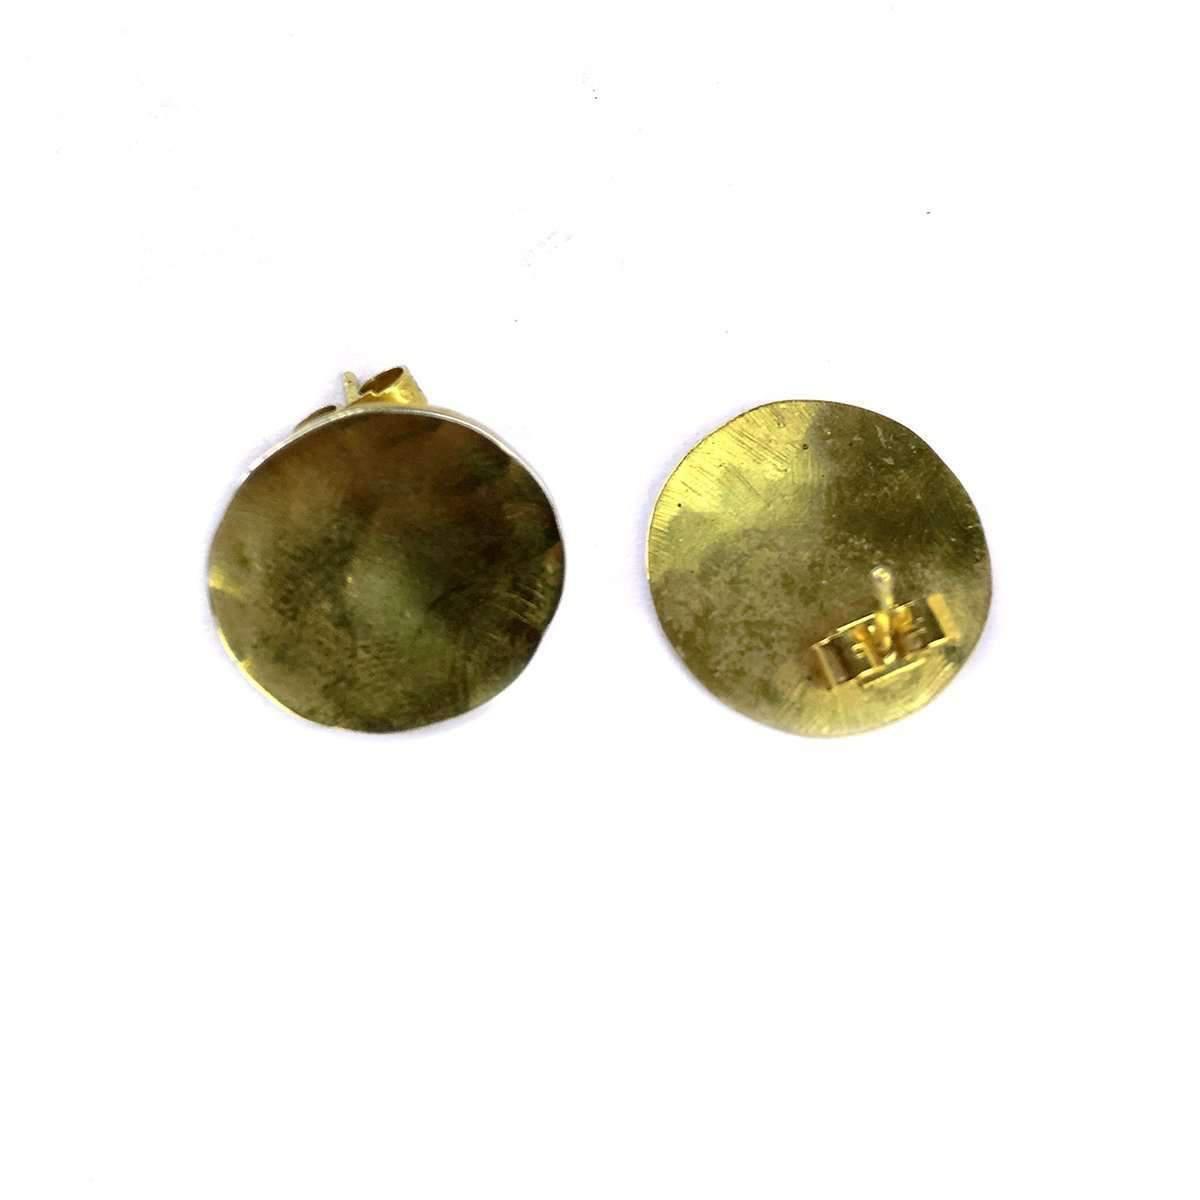 Fran Regan Jewellery Small Vermeil Discus Studs GEHAw5O8J2